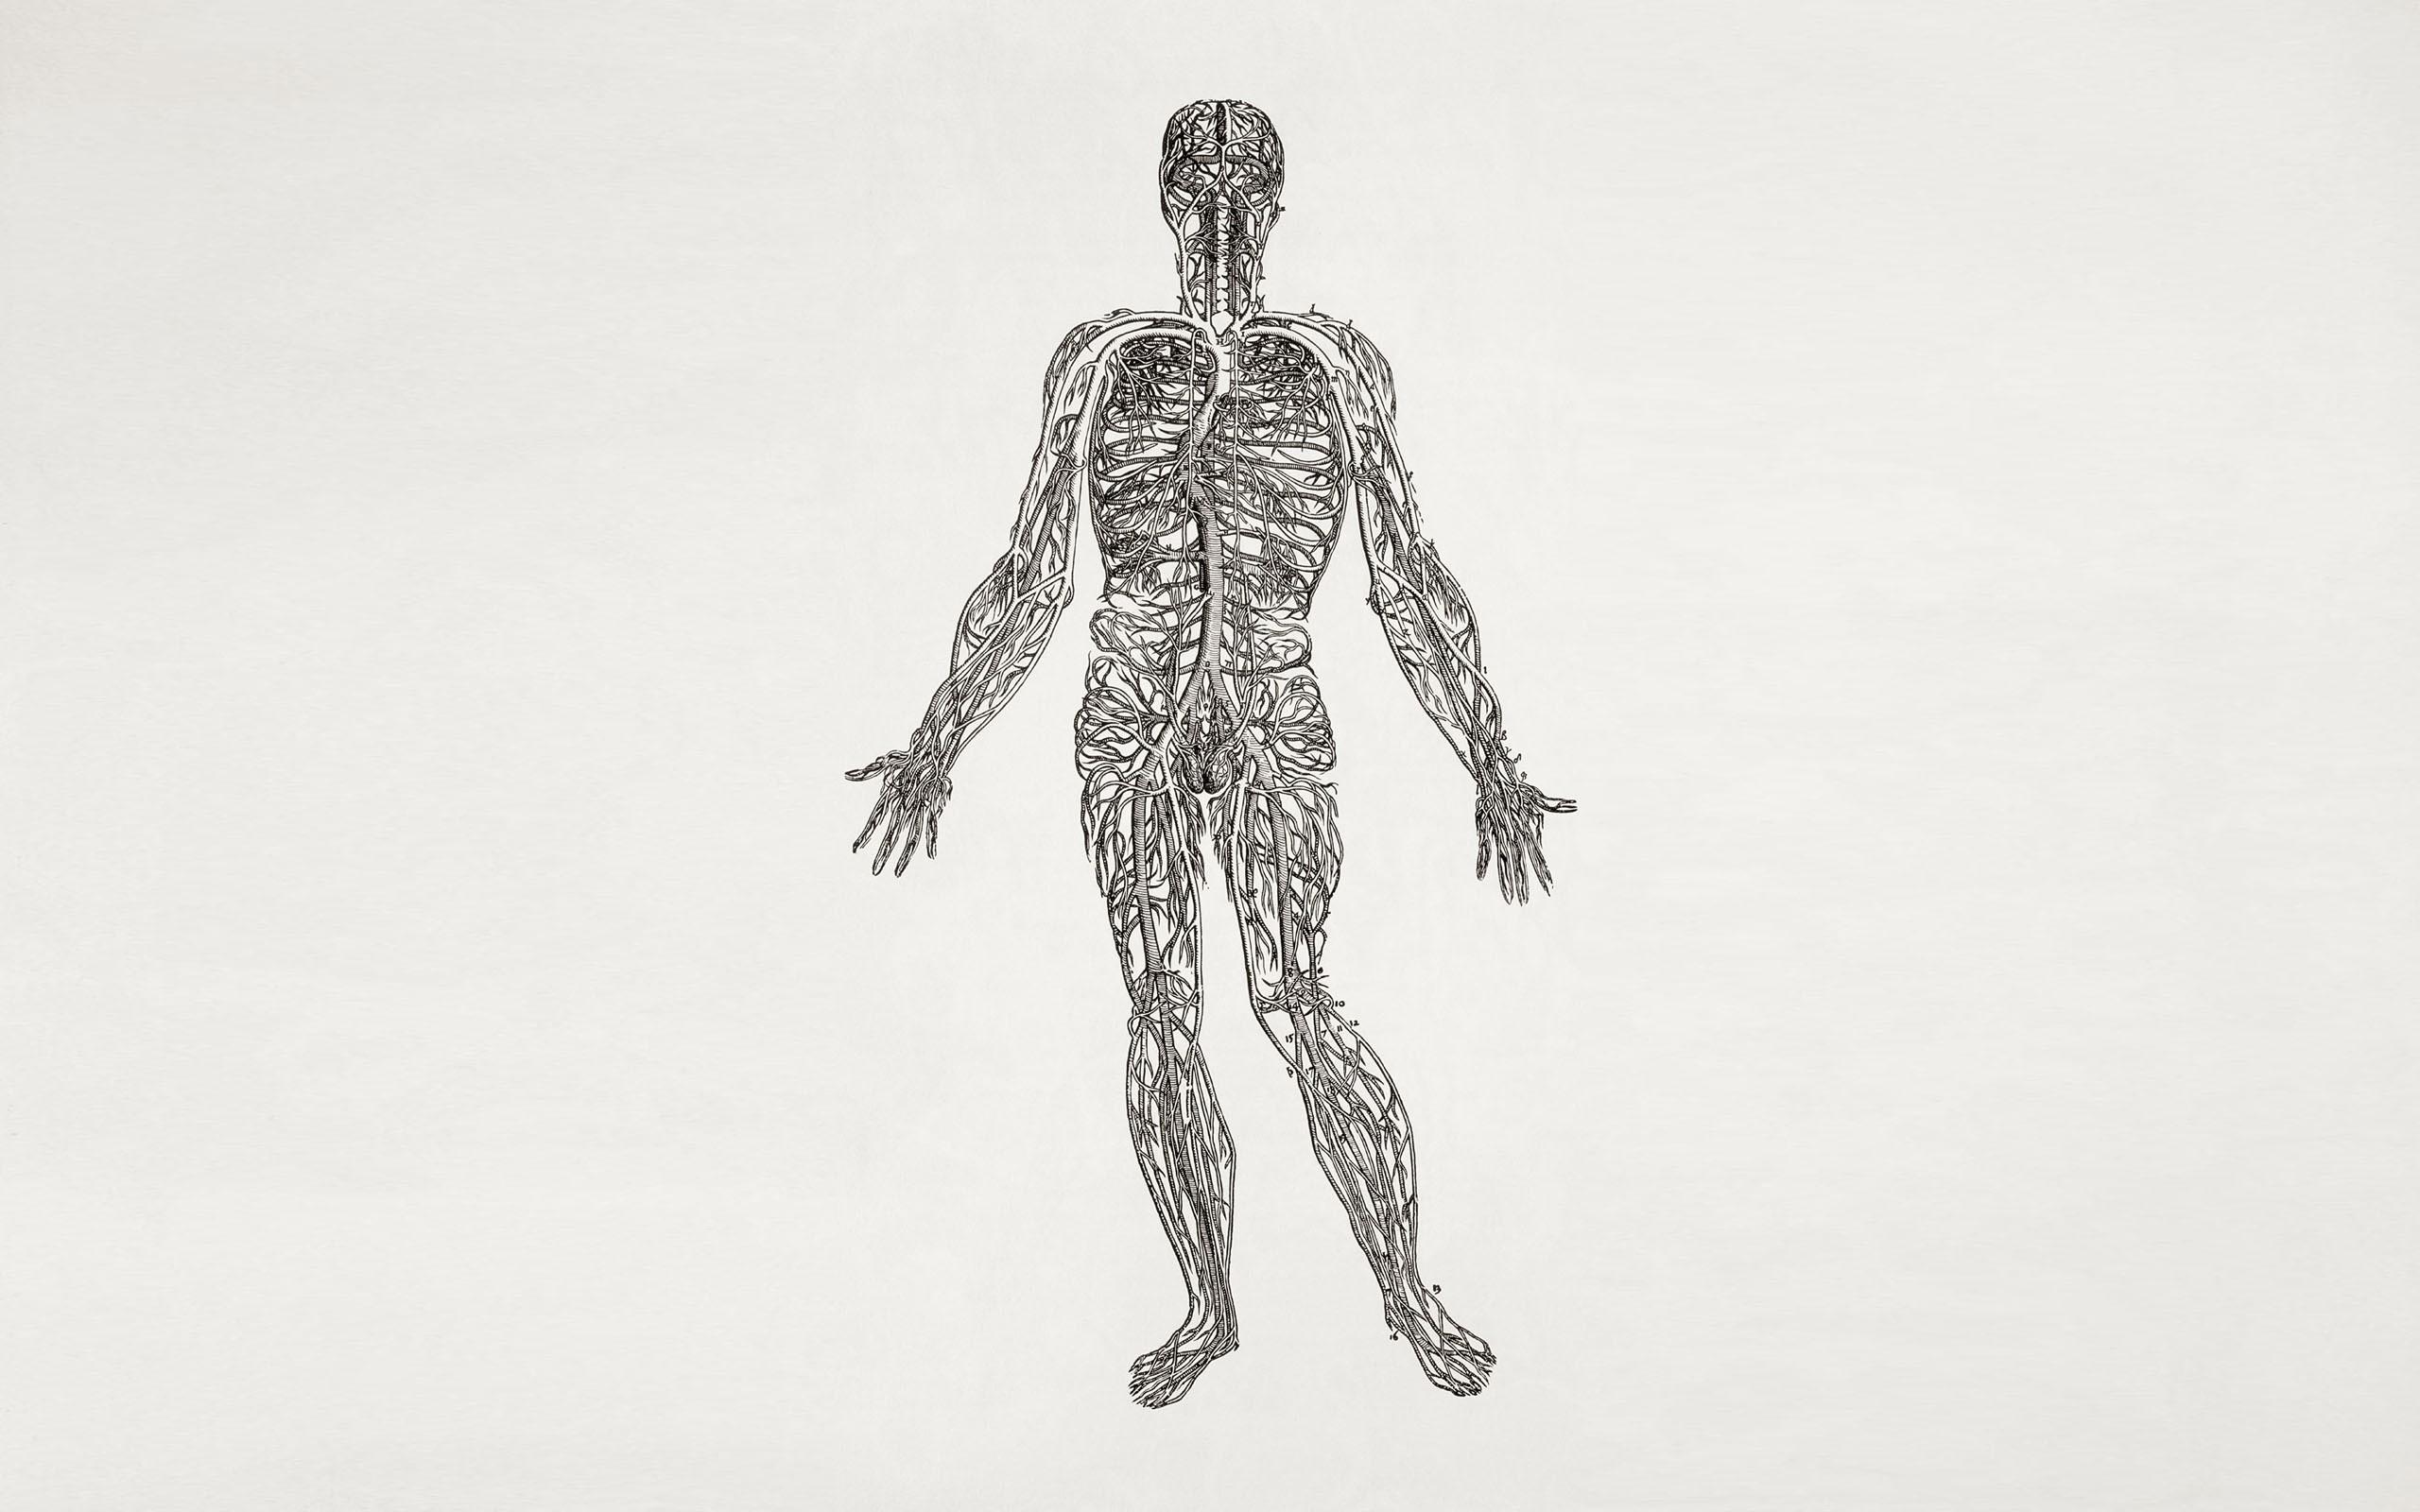 Hintergrundbilder : Illustration, Skelett, Biologie, Arm, skizzieren ...